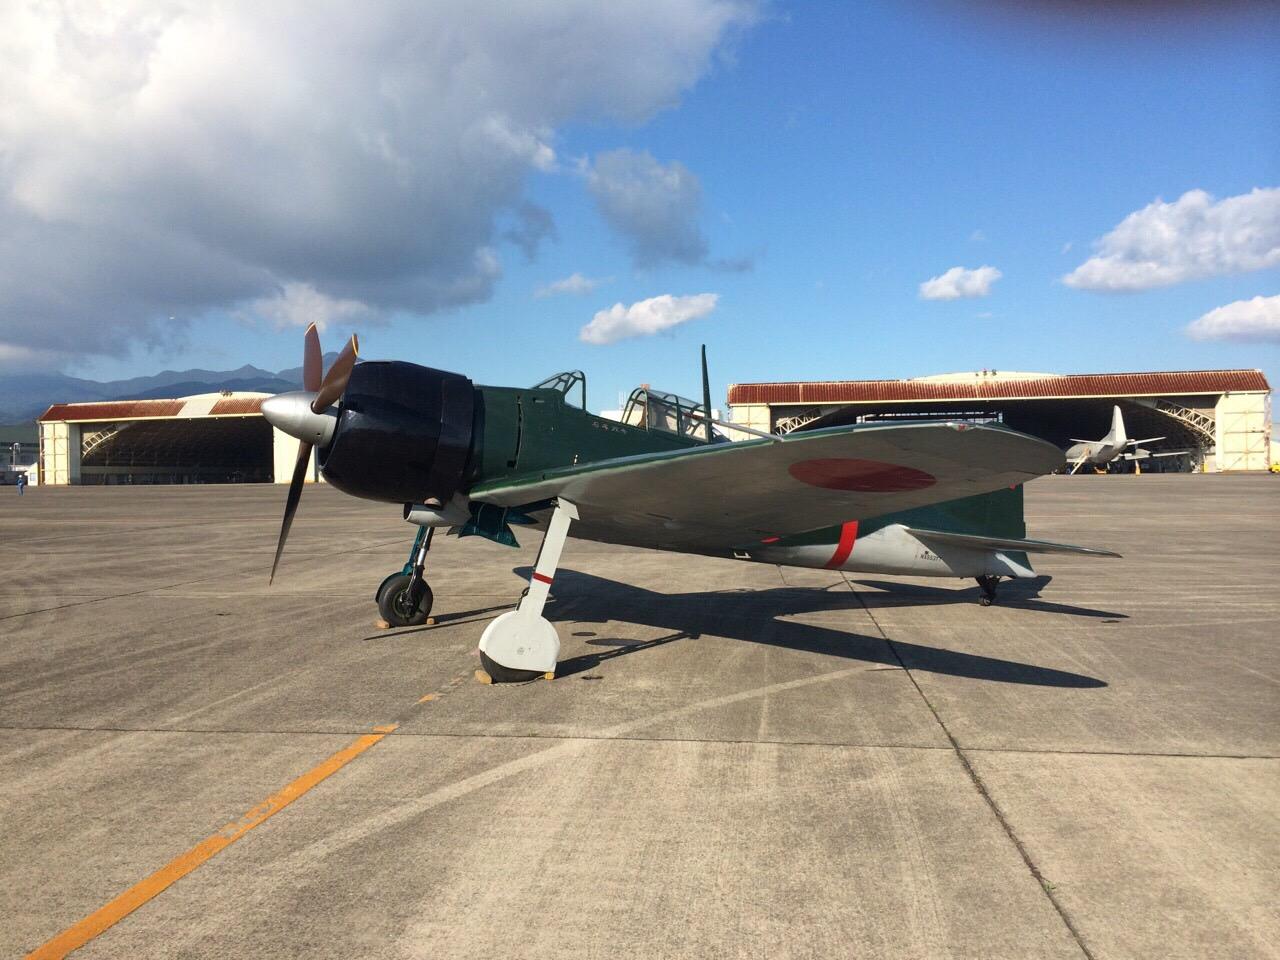 零戦、鹿児島・鹿屋基地で27日からテスト飛行